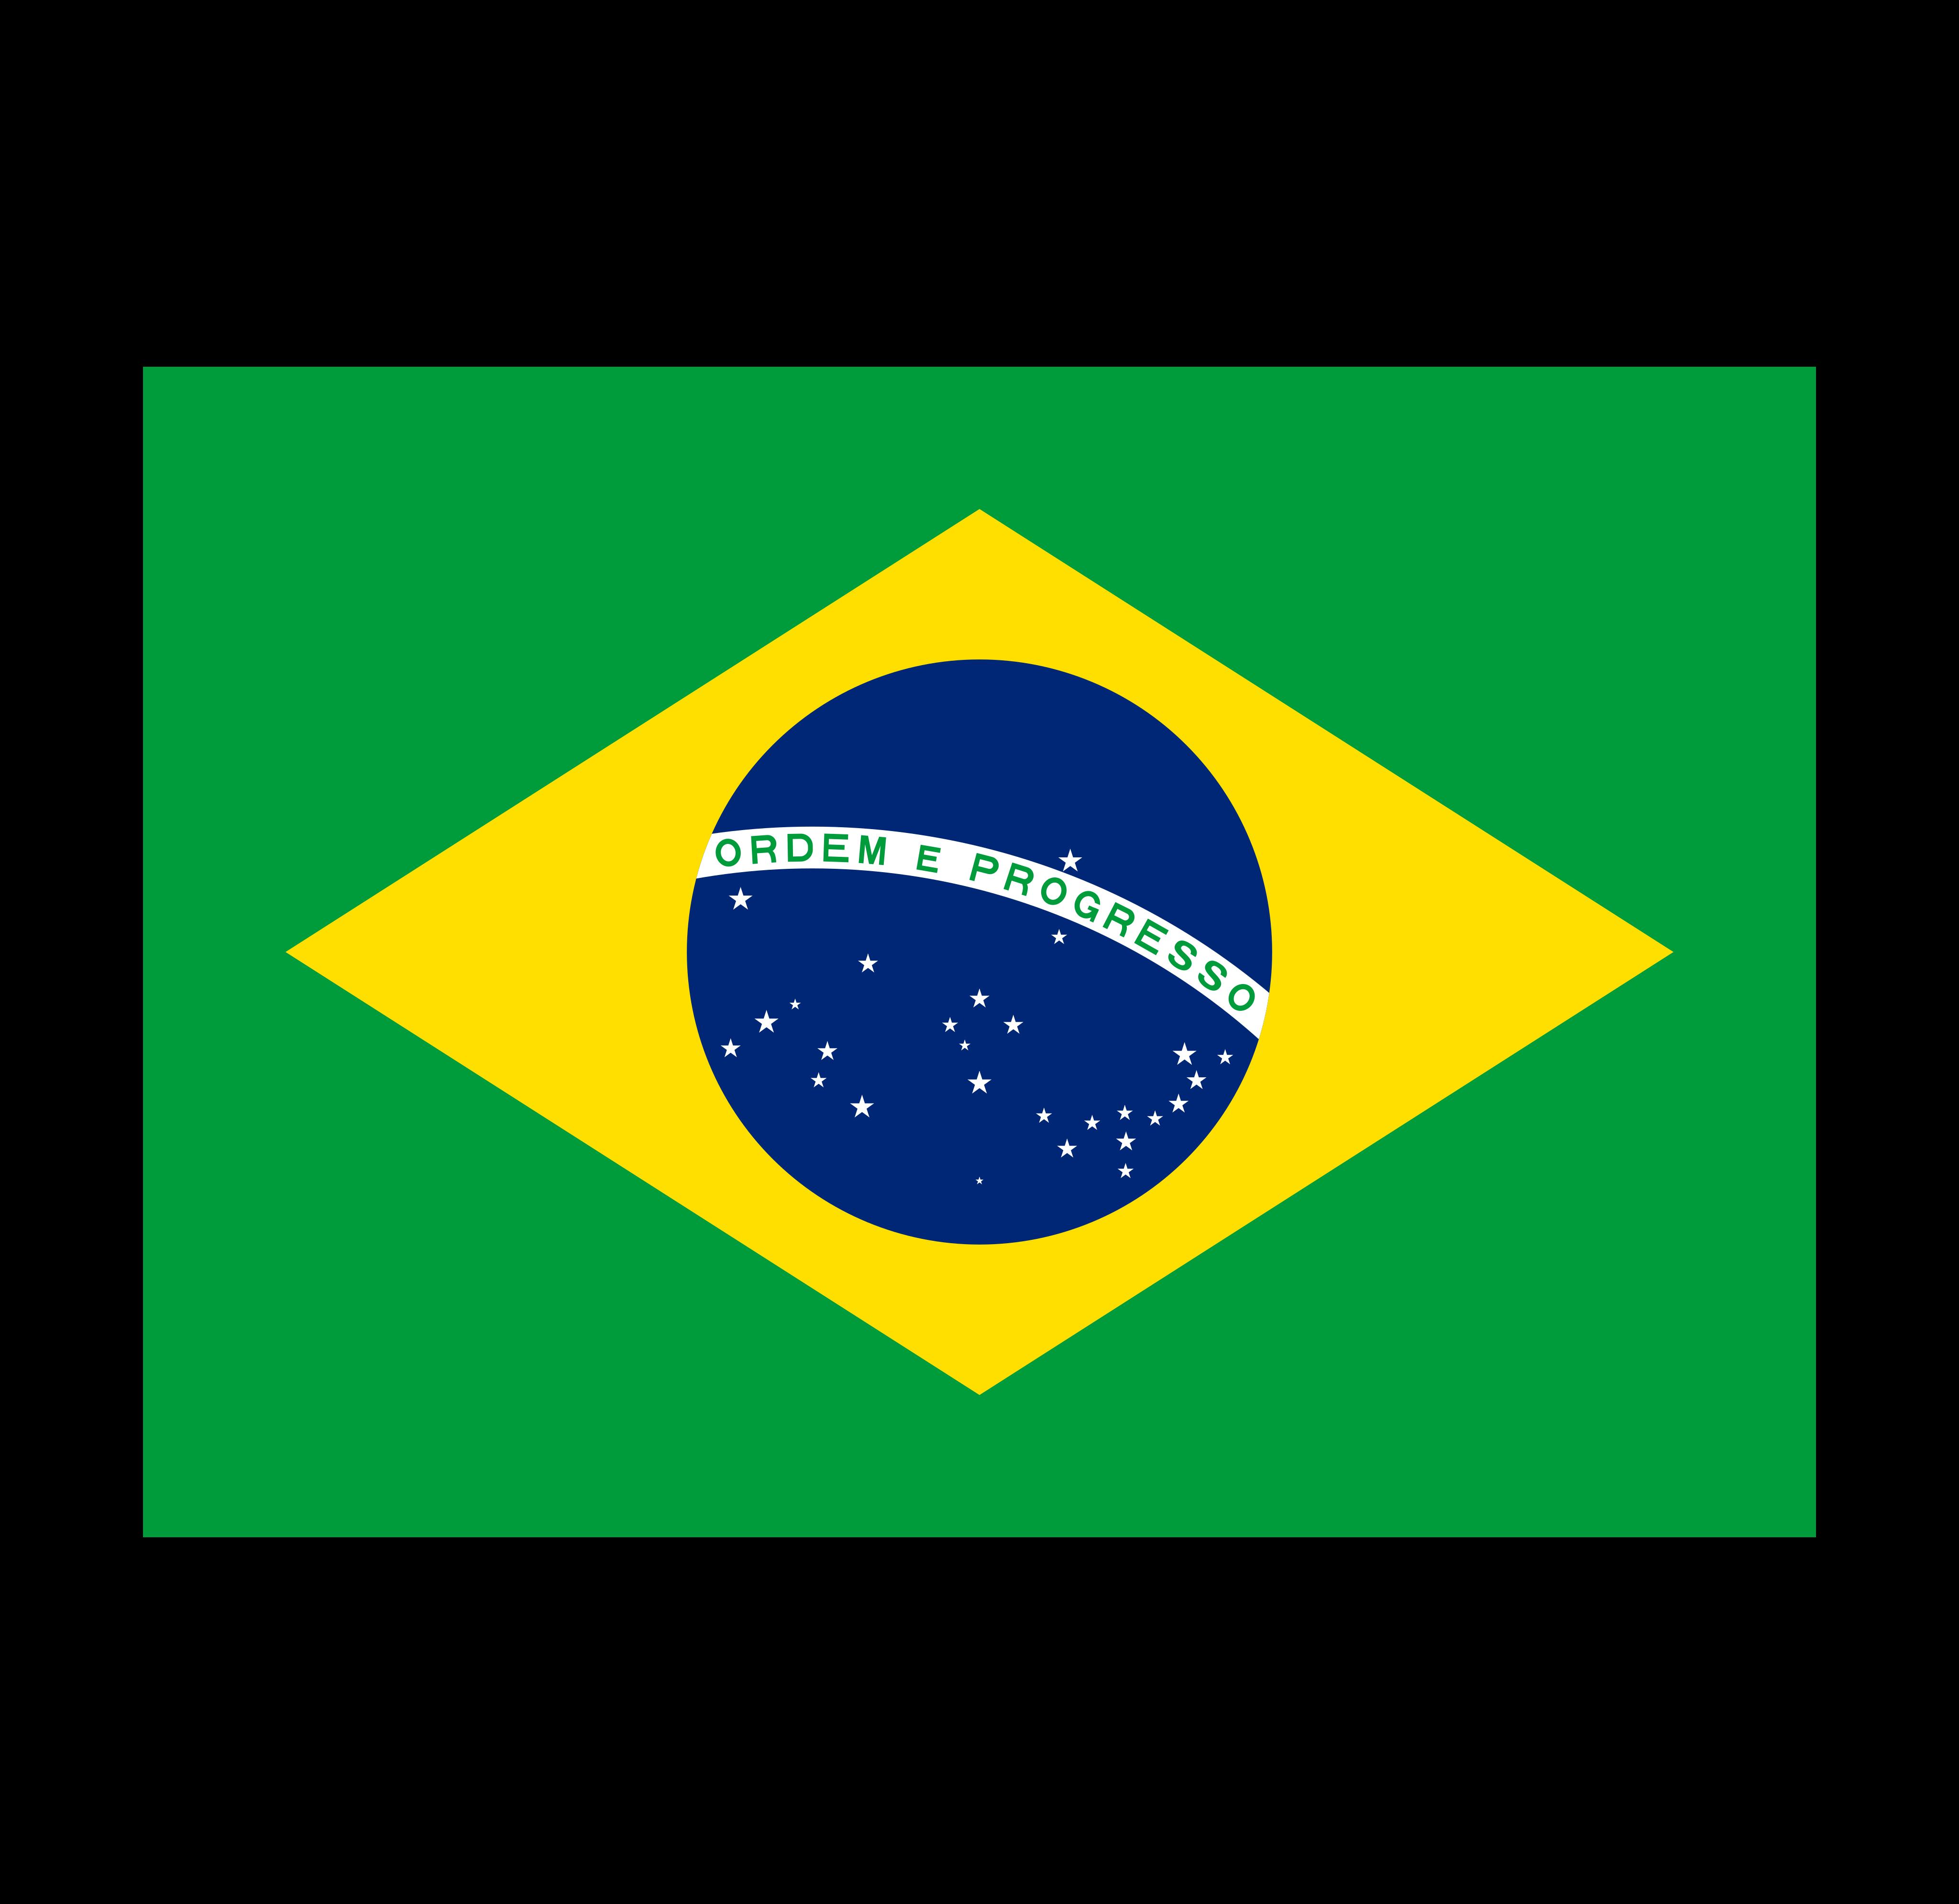 bandeira do brasil 0 - Bandeira do Brasil